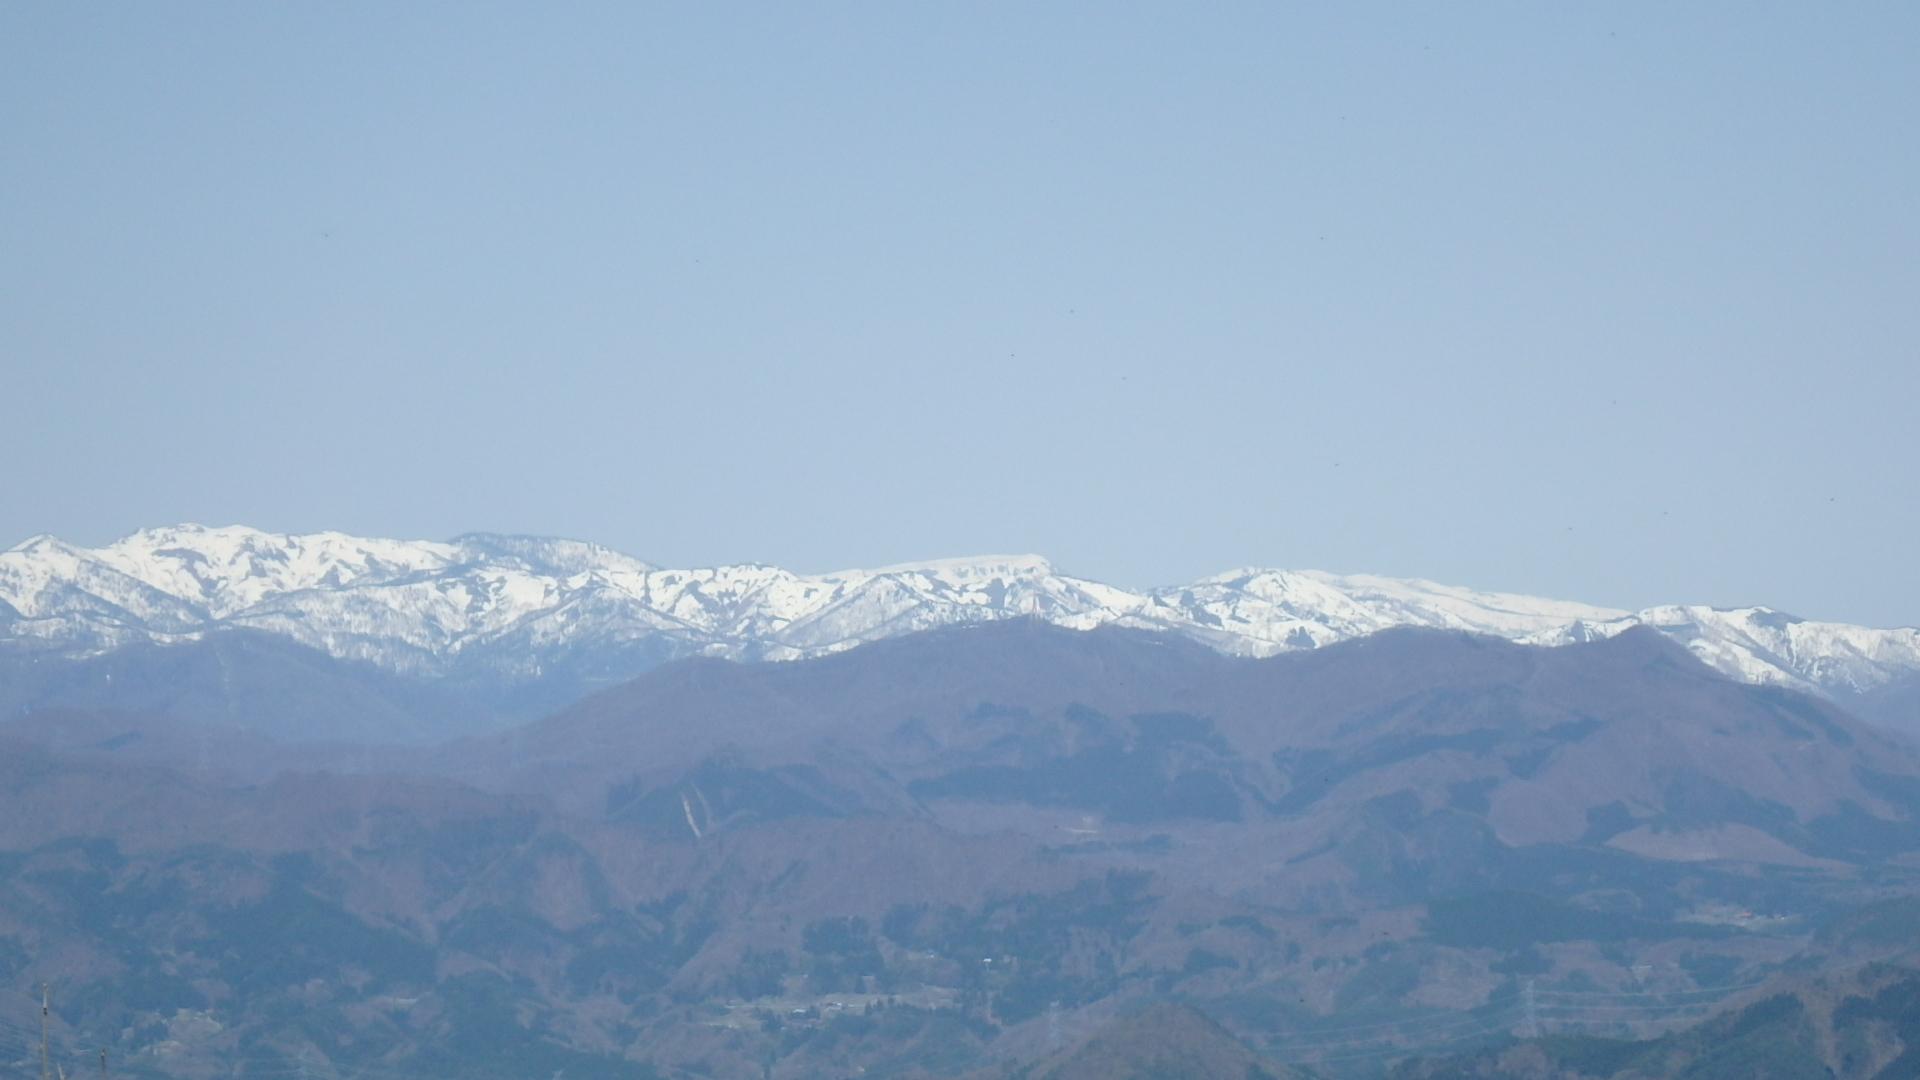 中央の平らな山が苗場山P4302157